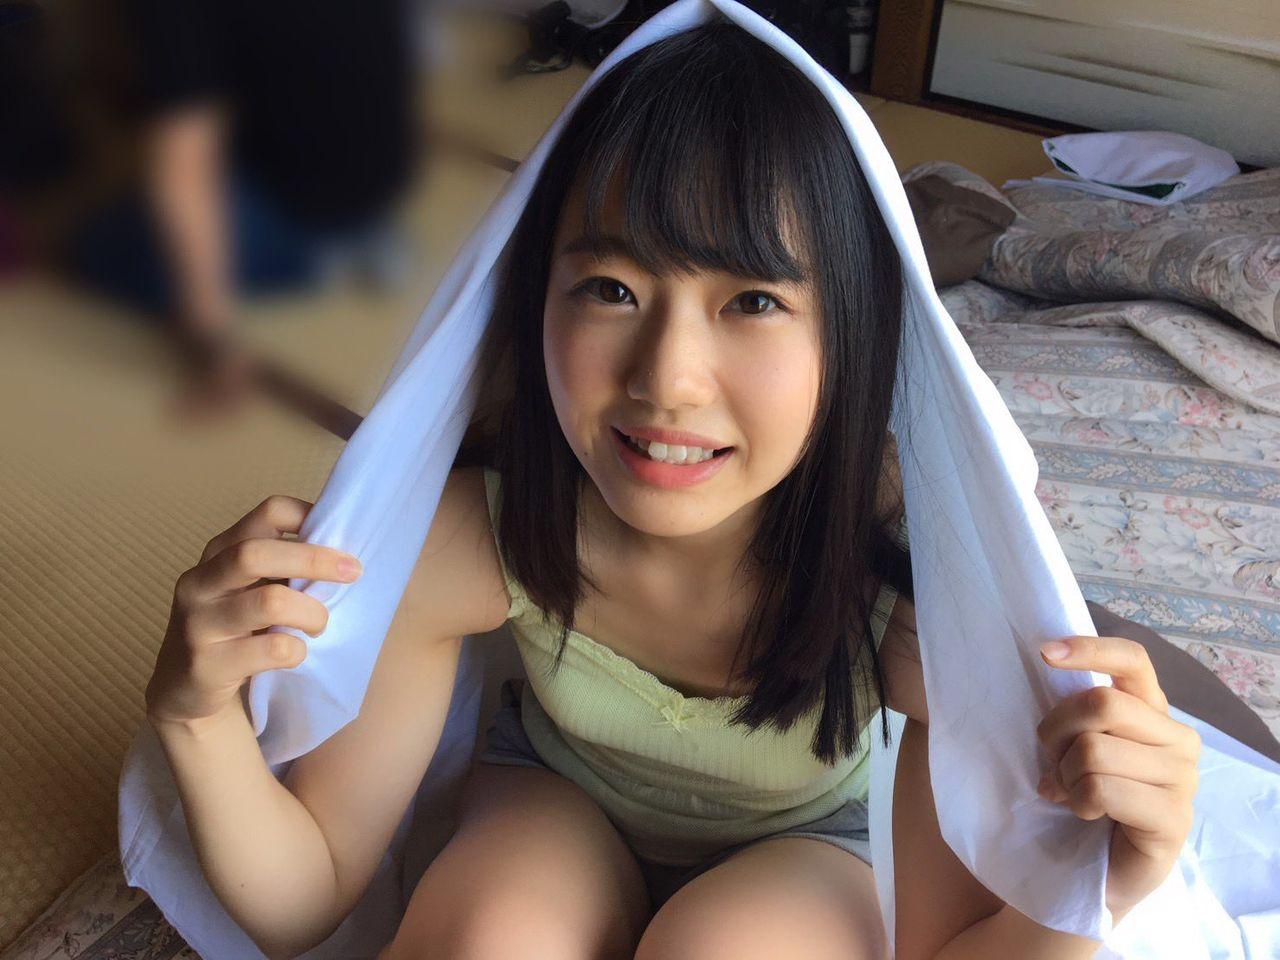 瀧野由美子エロ画像타키노유미코야사D43WUr0VUAA14yF